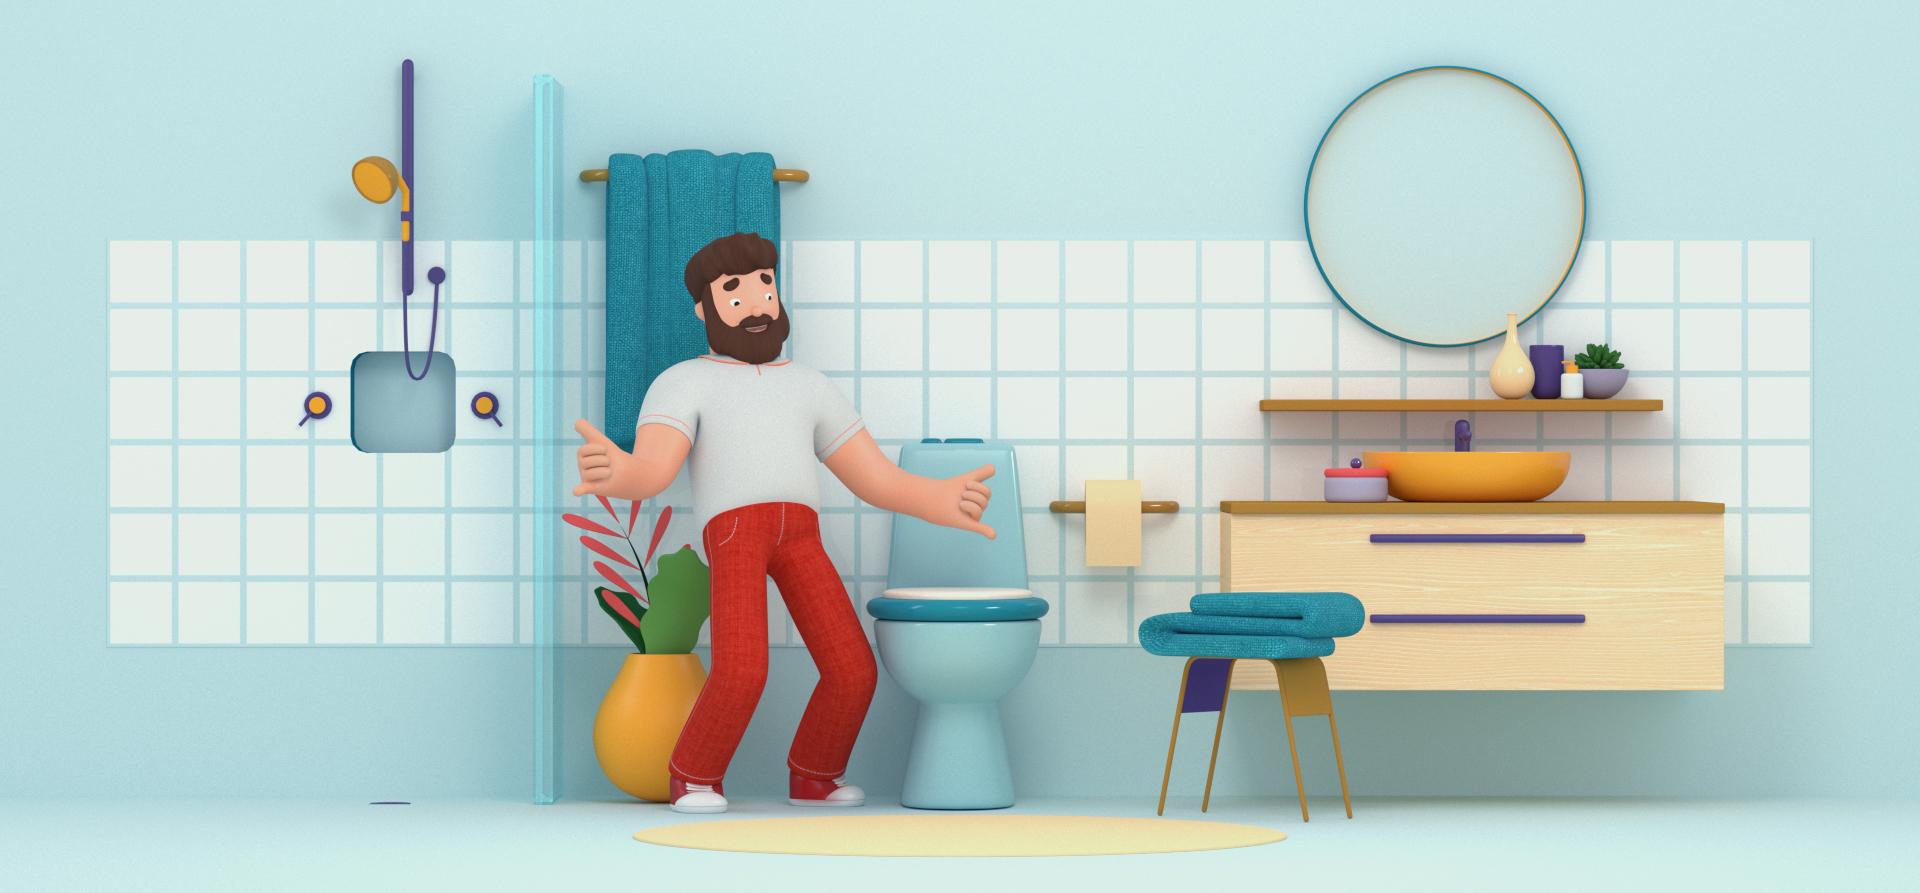 Bathroom_ImageSunraysia